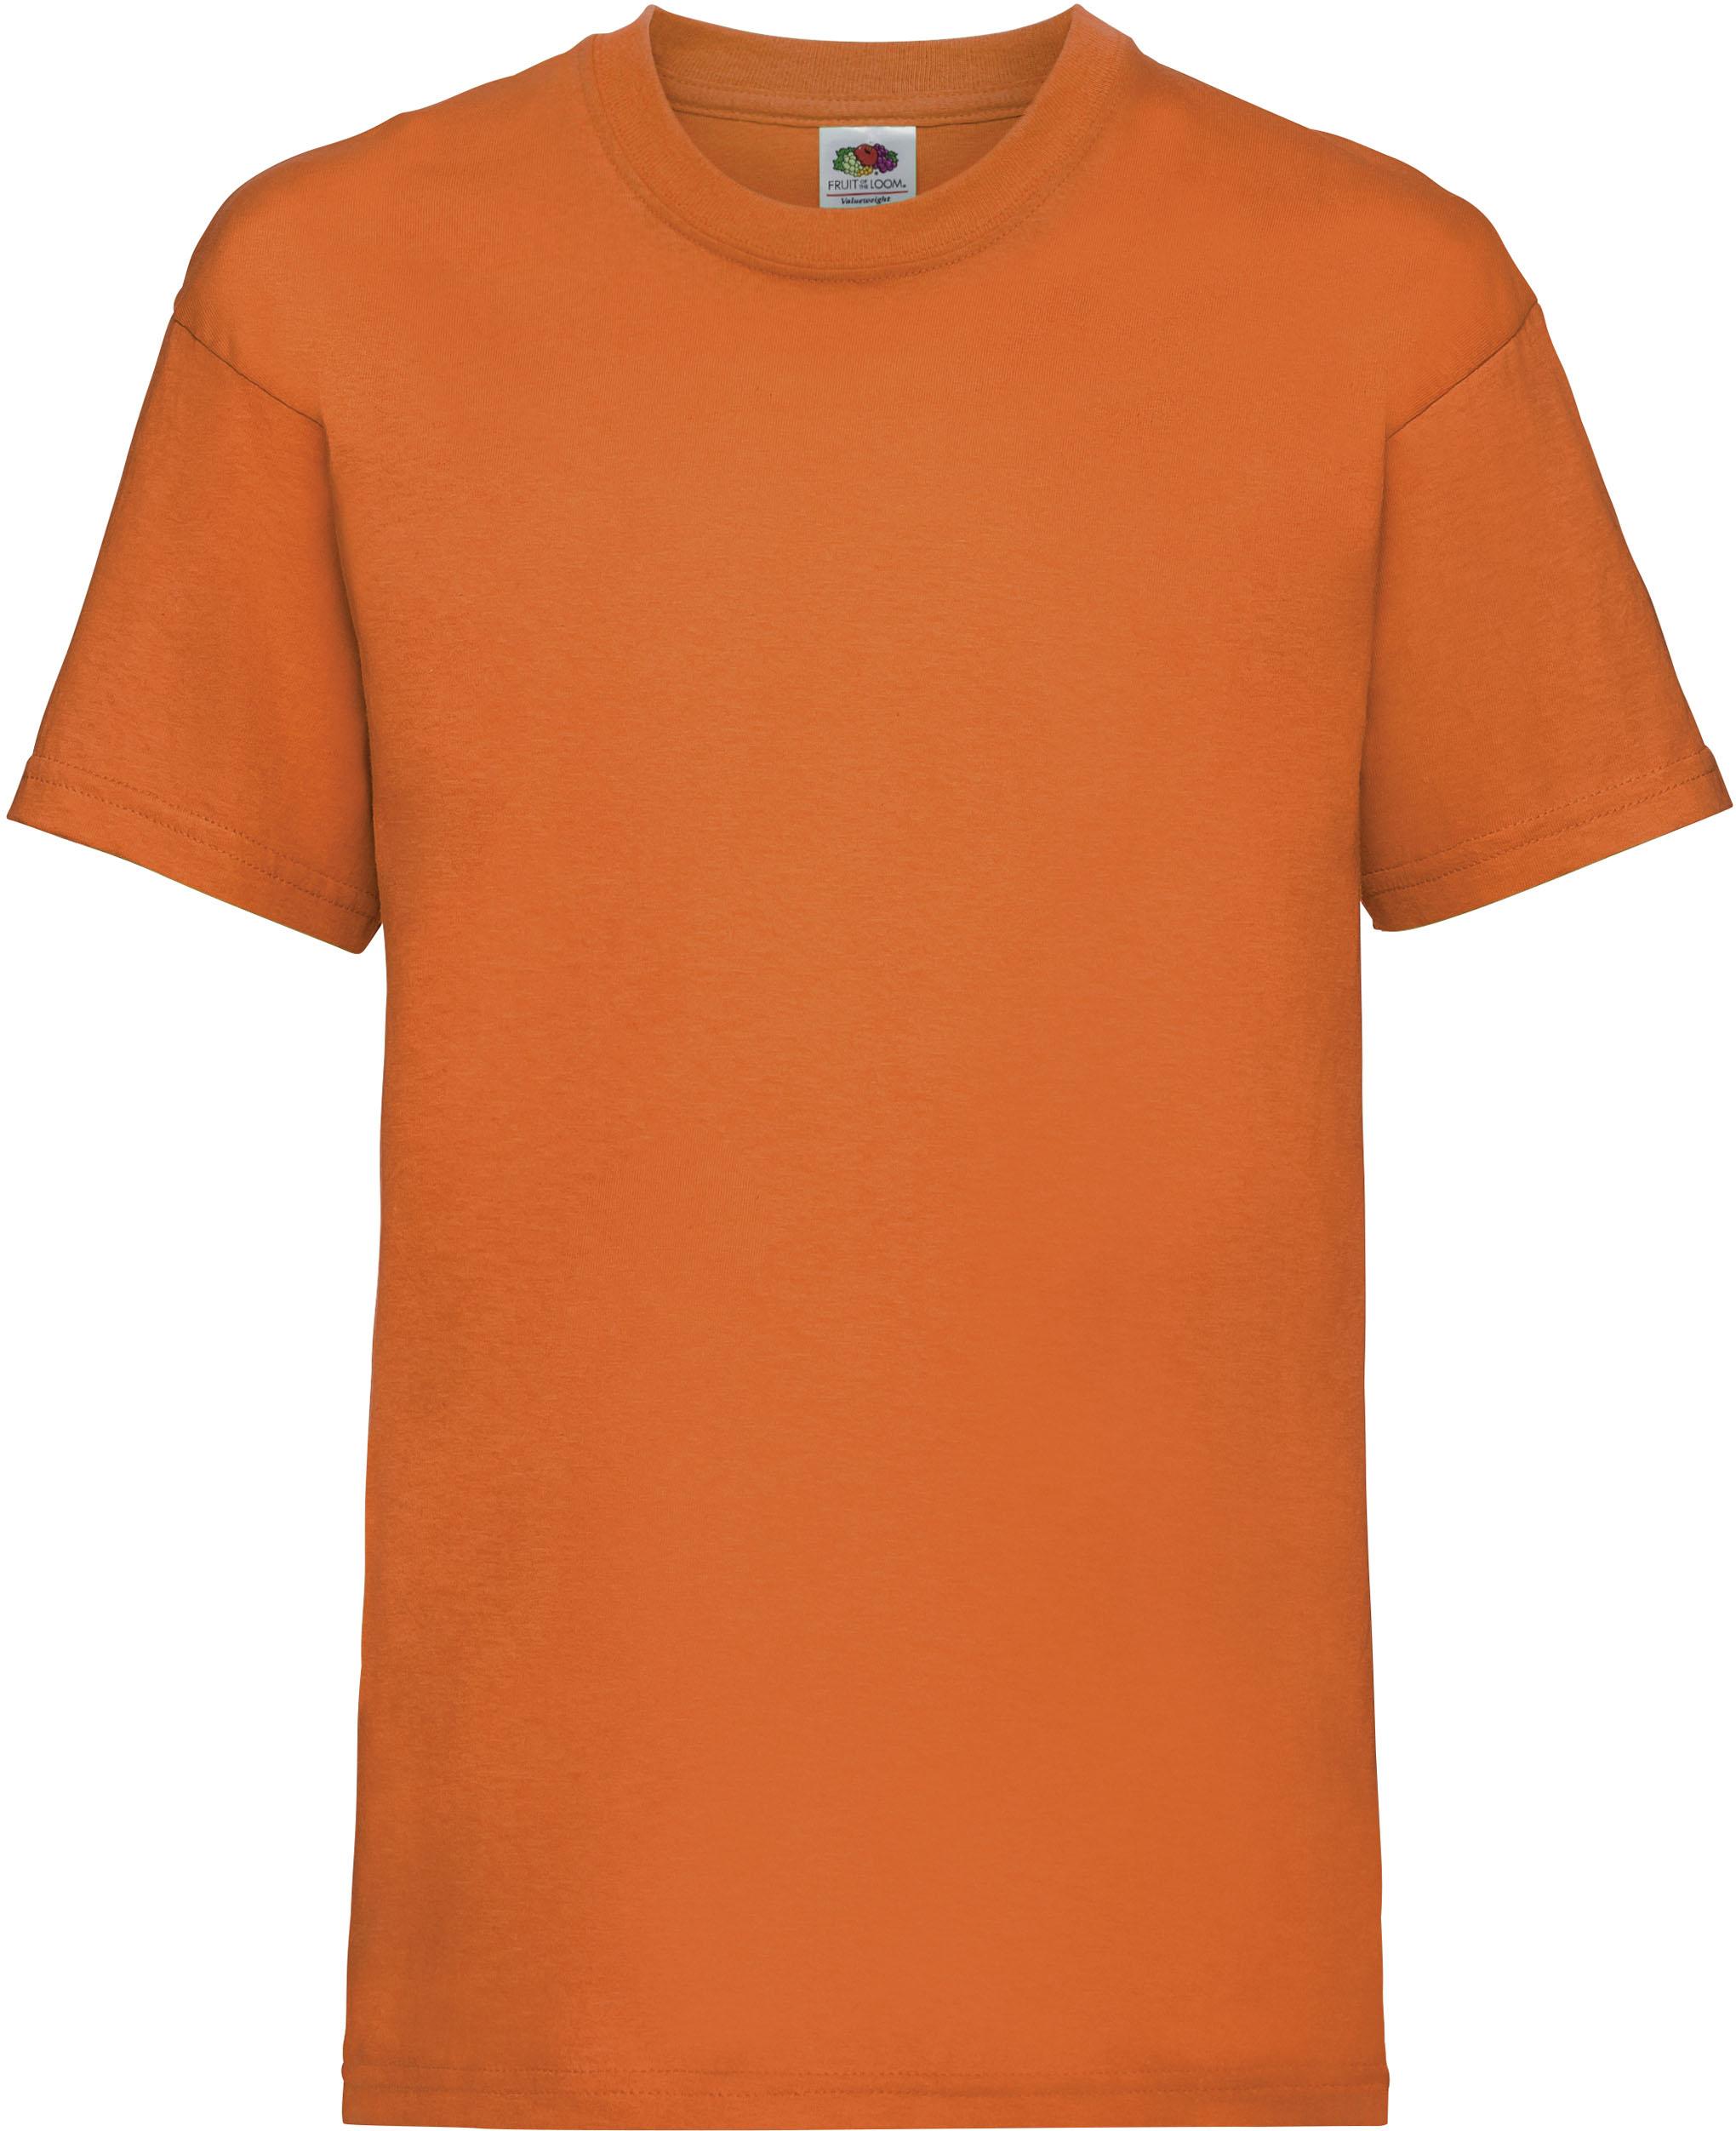 58ef1ff3b2740 Fruit of the Loom SC221B - T-Shirt Enfant Coton